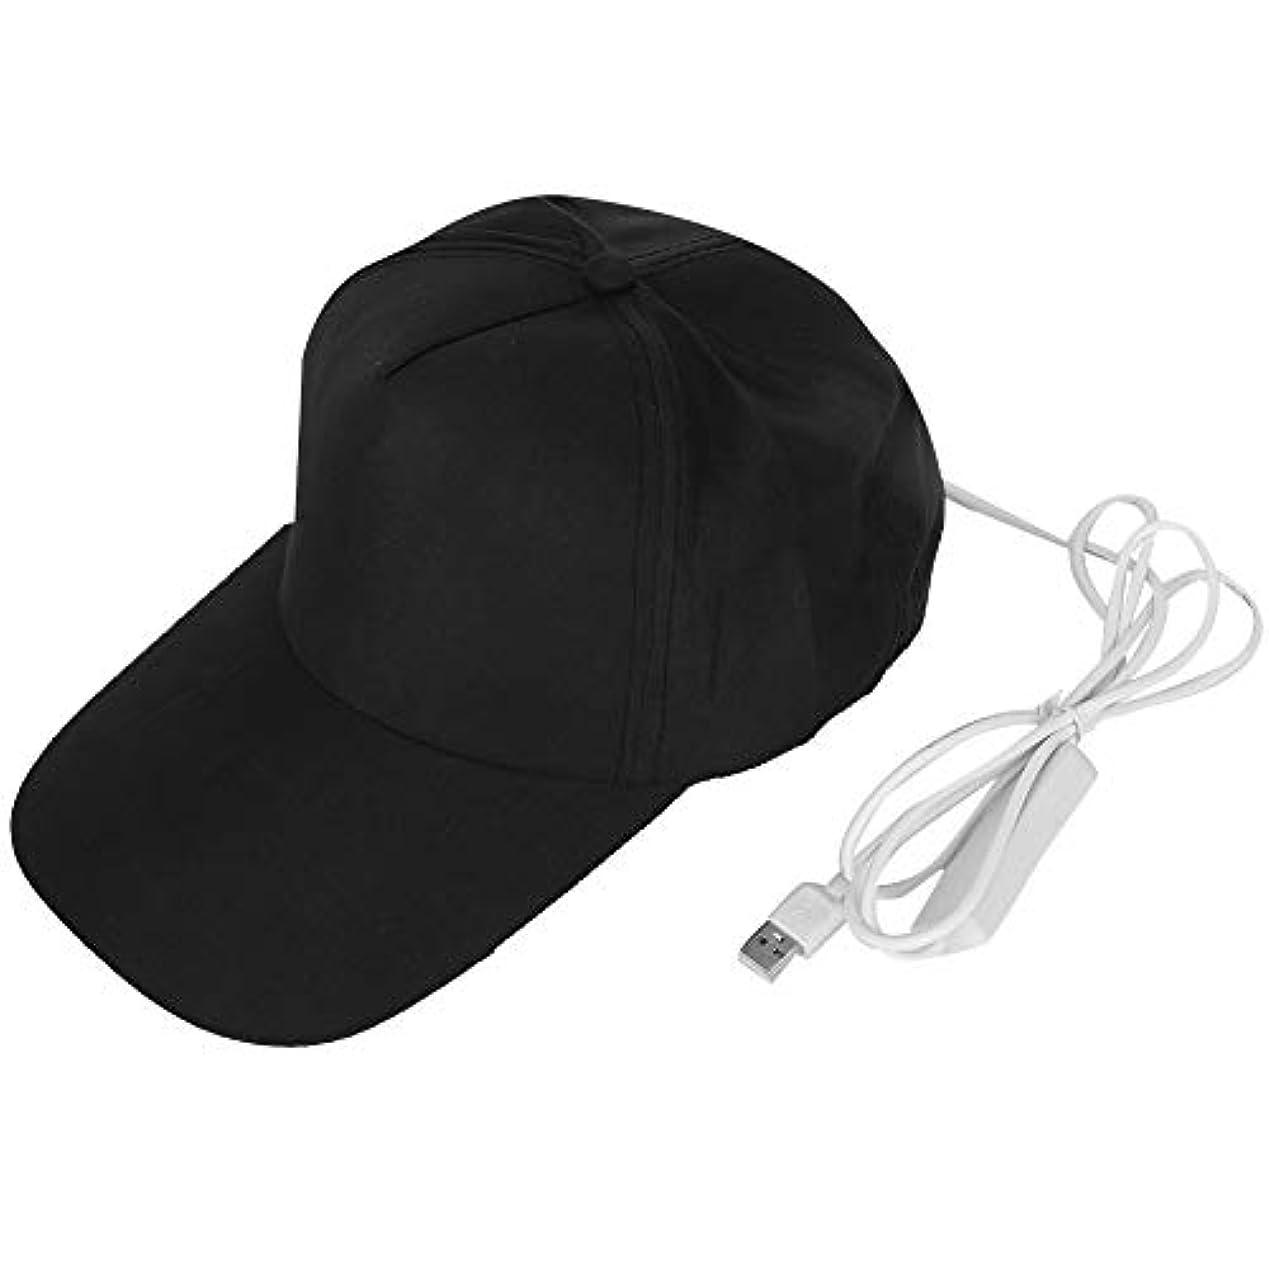 処理するかけるオーチャード調節可能な毛の成長の器械ランプのビードの帽子